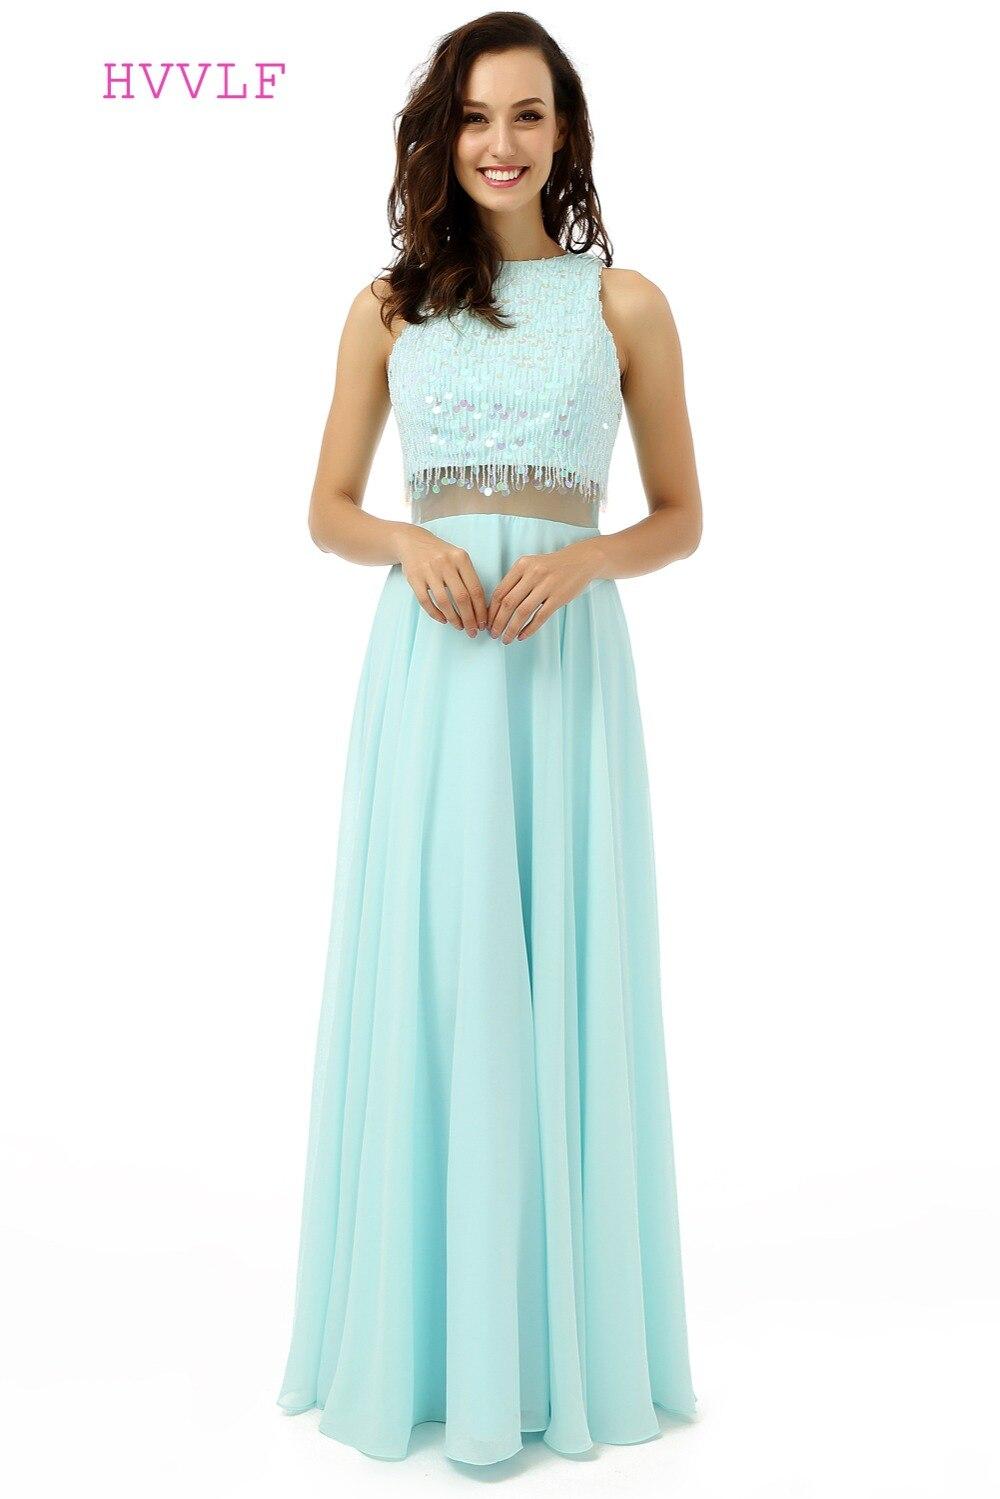 HVVLF deux pièces 2019 robes de bal a-ligne col haut Turquoise mousseline de soie Sequin perlé robe de bal robes de soirée robe de soirée